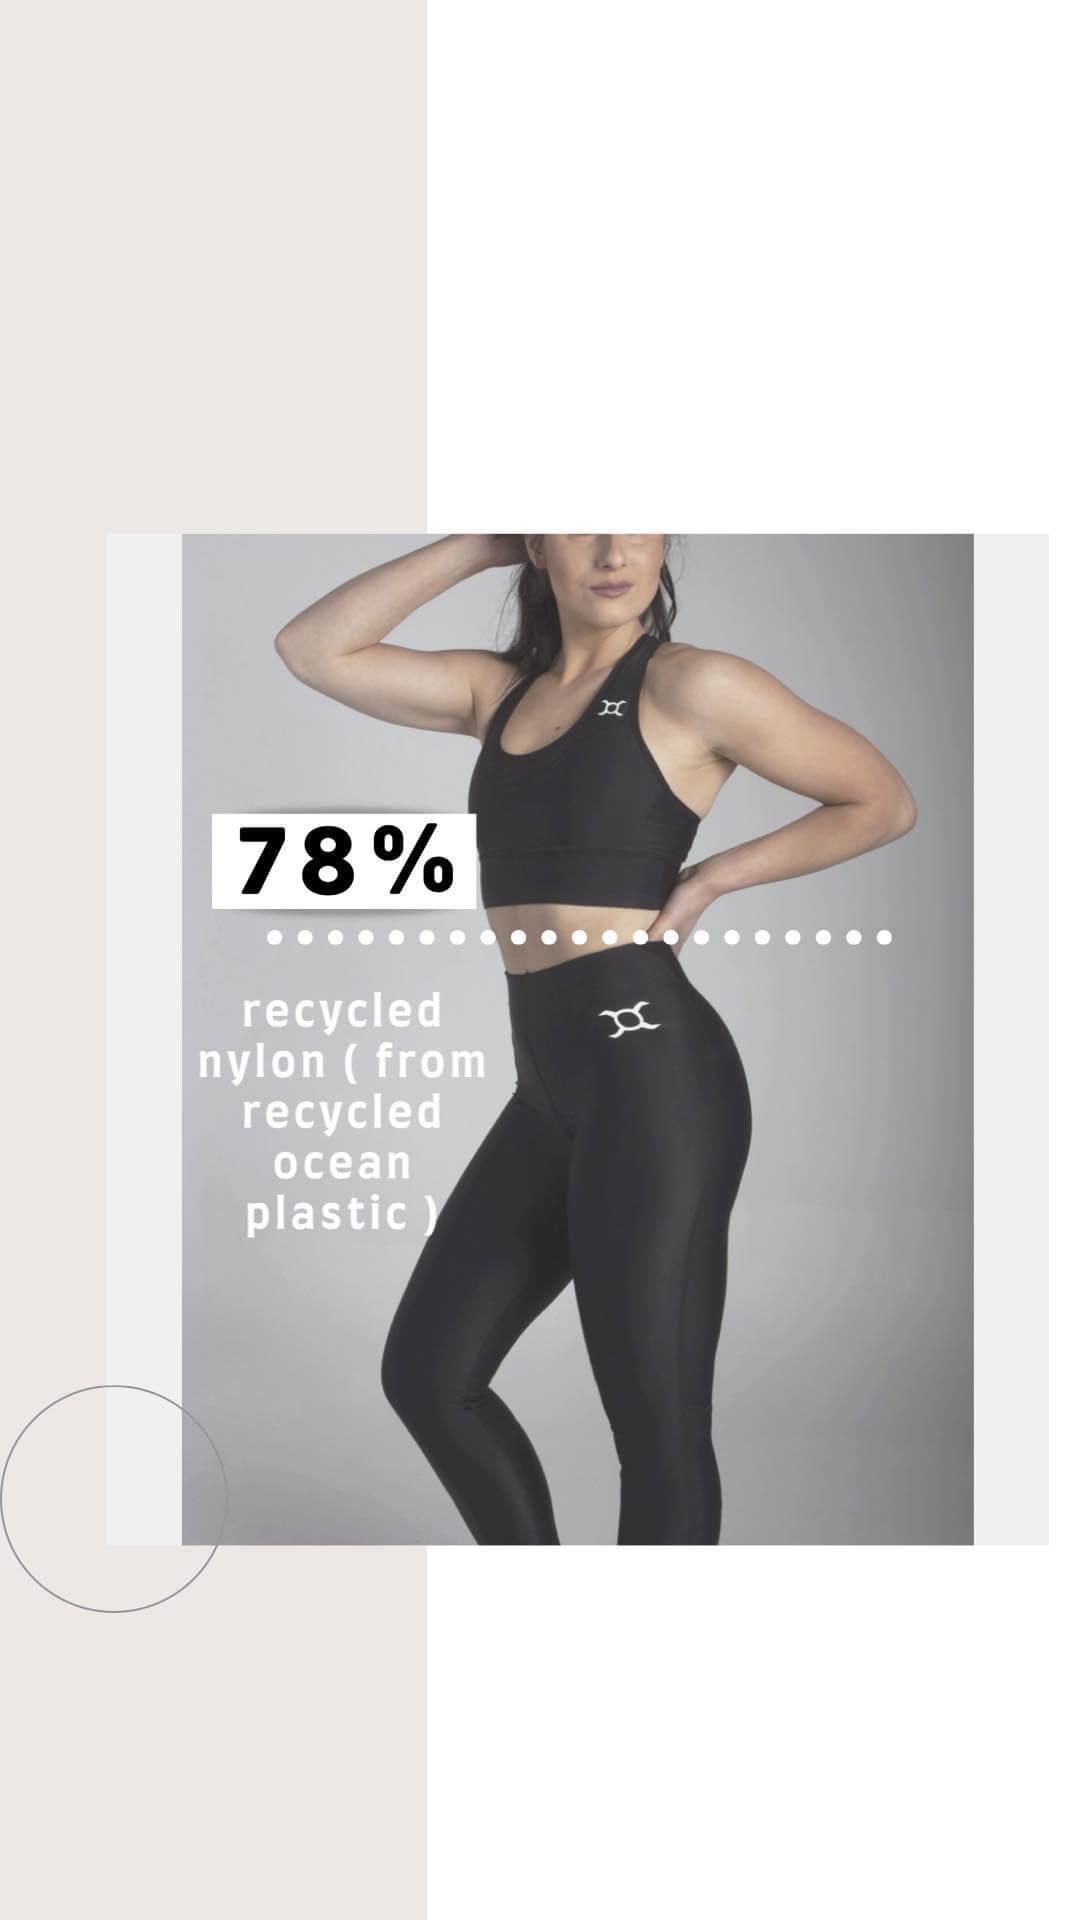 una mujer está vestida con ropa deportiva